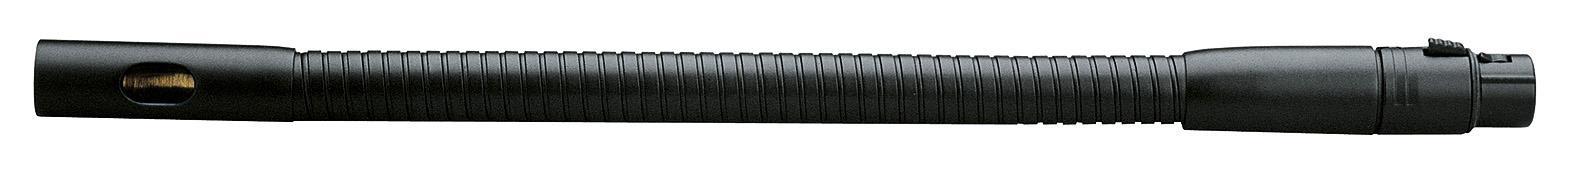 König & Meyer 230/1 Schwanenhals - schwarz